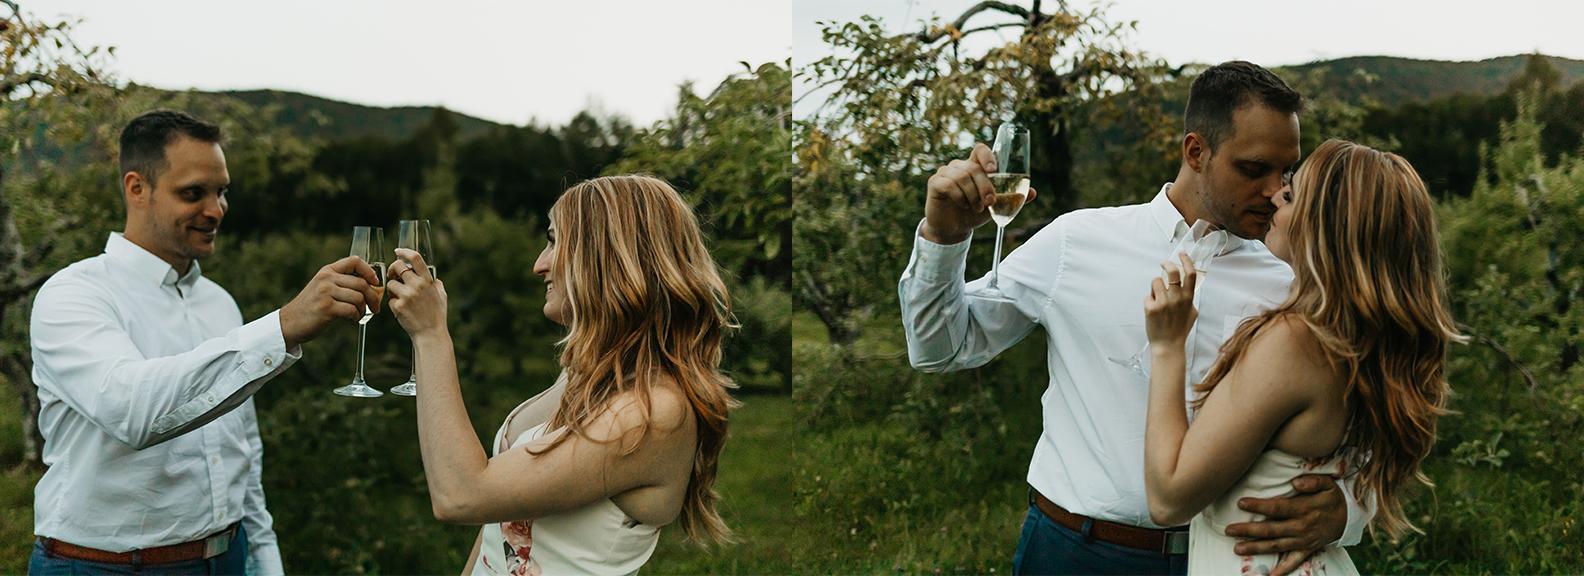 Engagement-shoot-Mont-saint-hilaire-québec-22.jpg